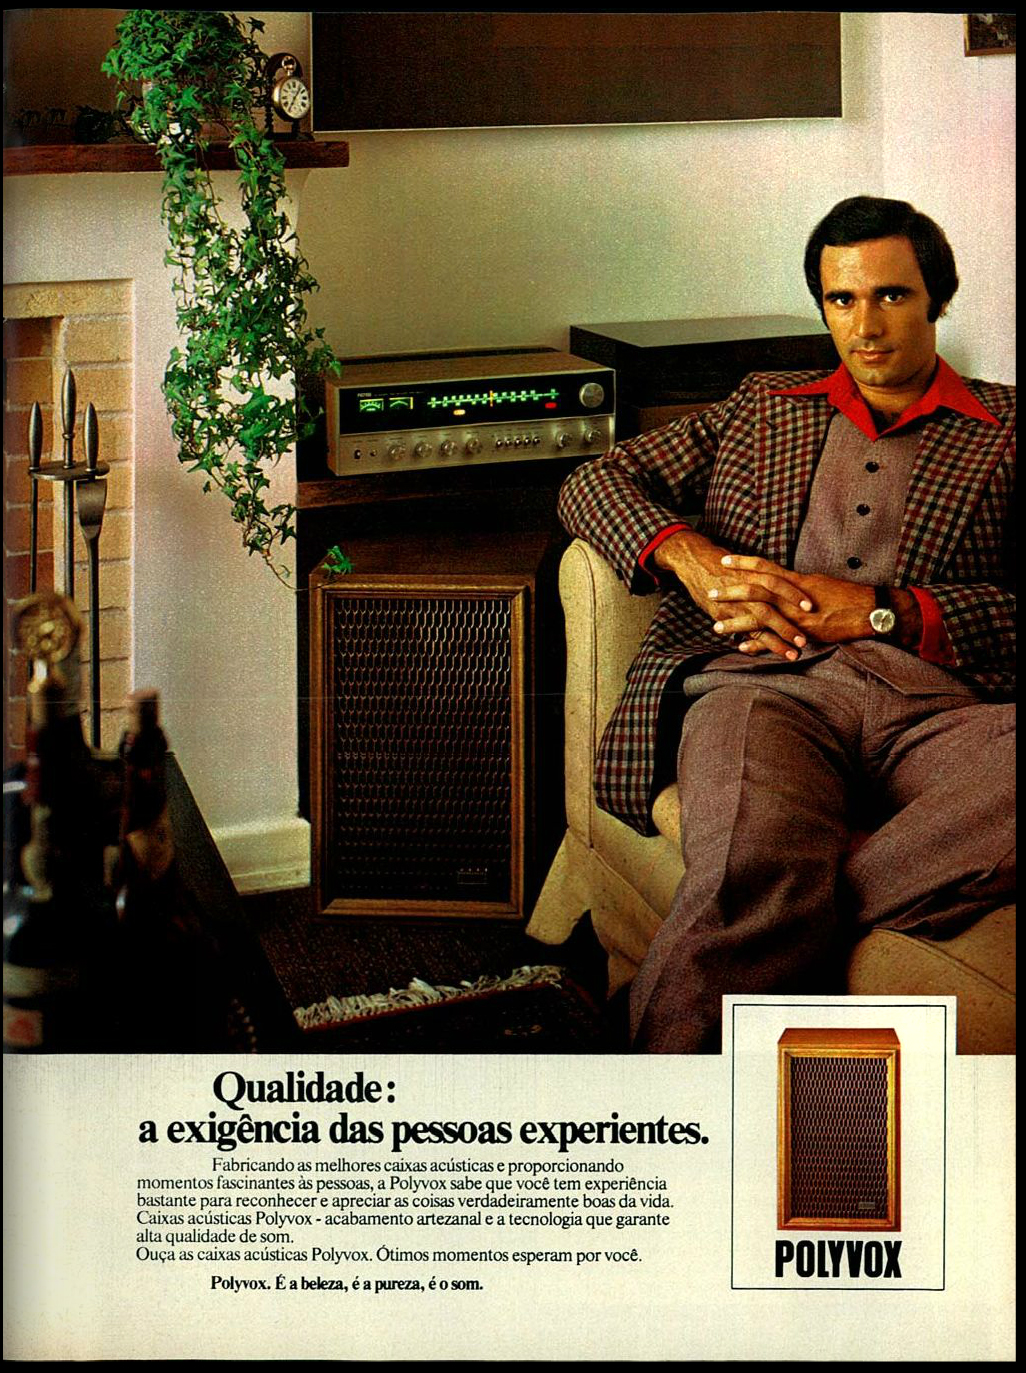 Campanha de 1976 da Polyvox promovendo sua caixa acústica